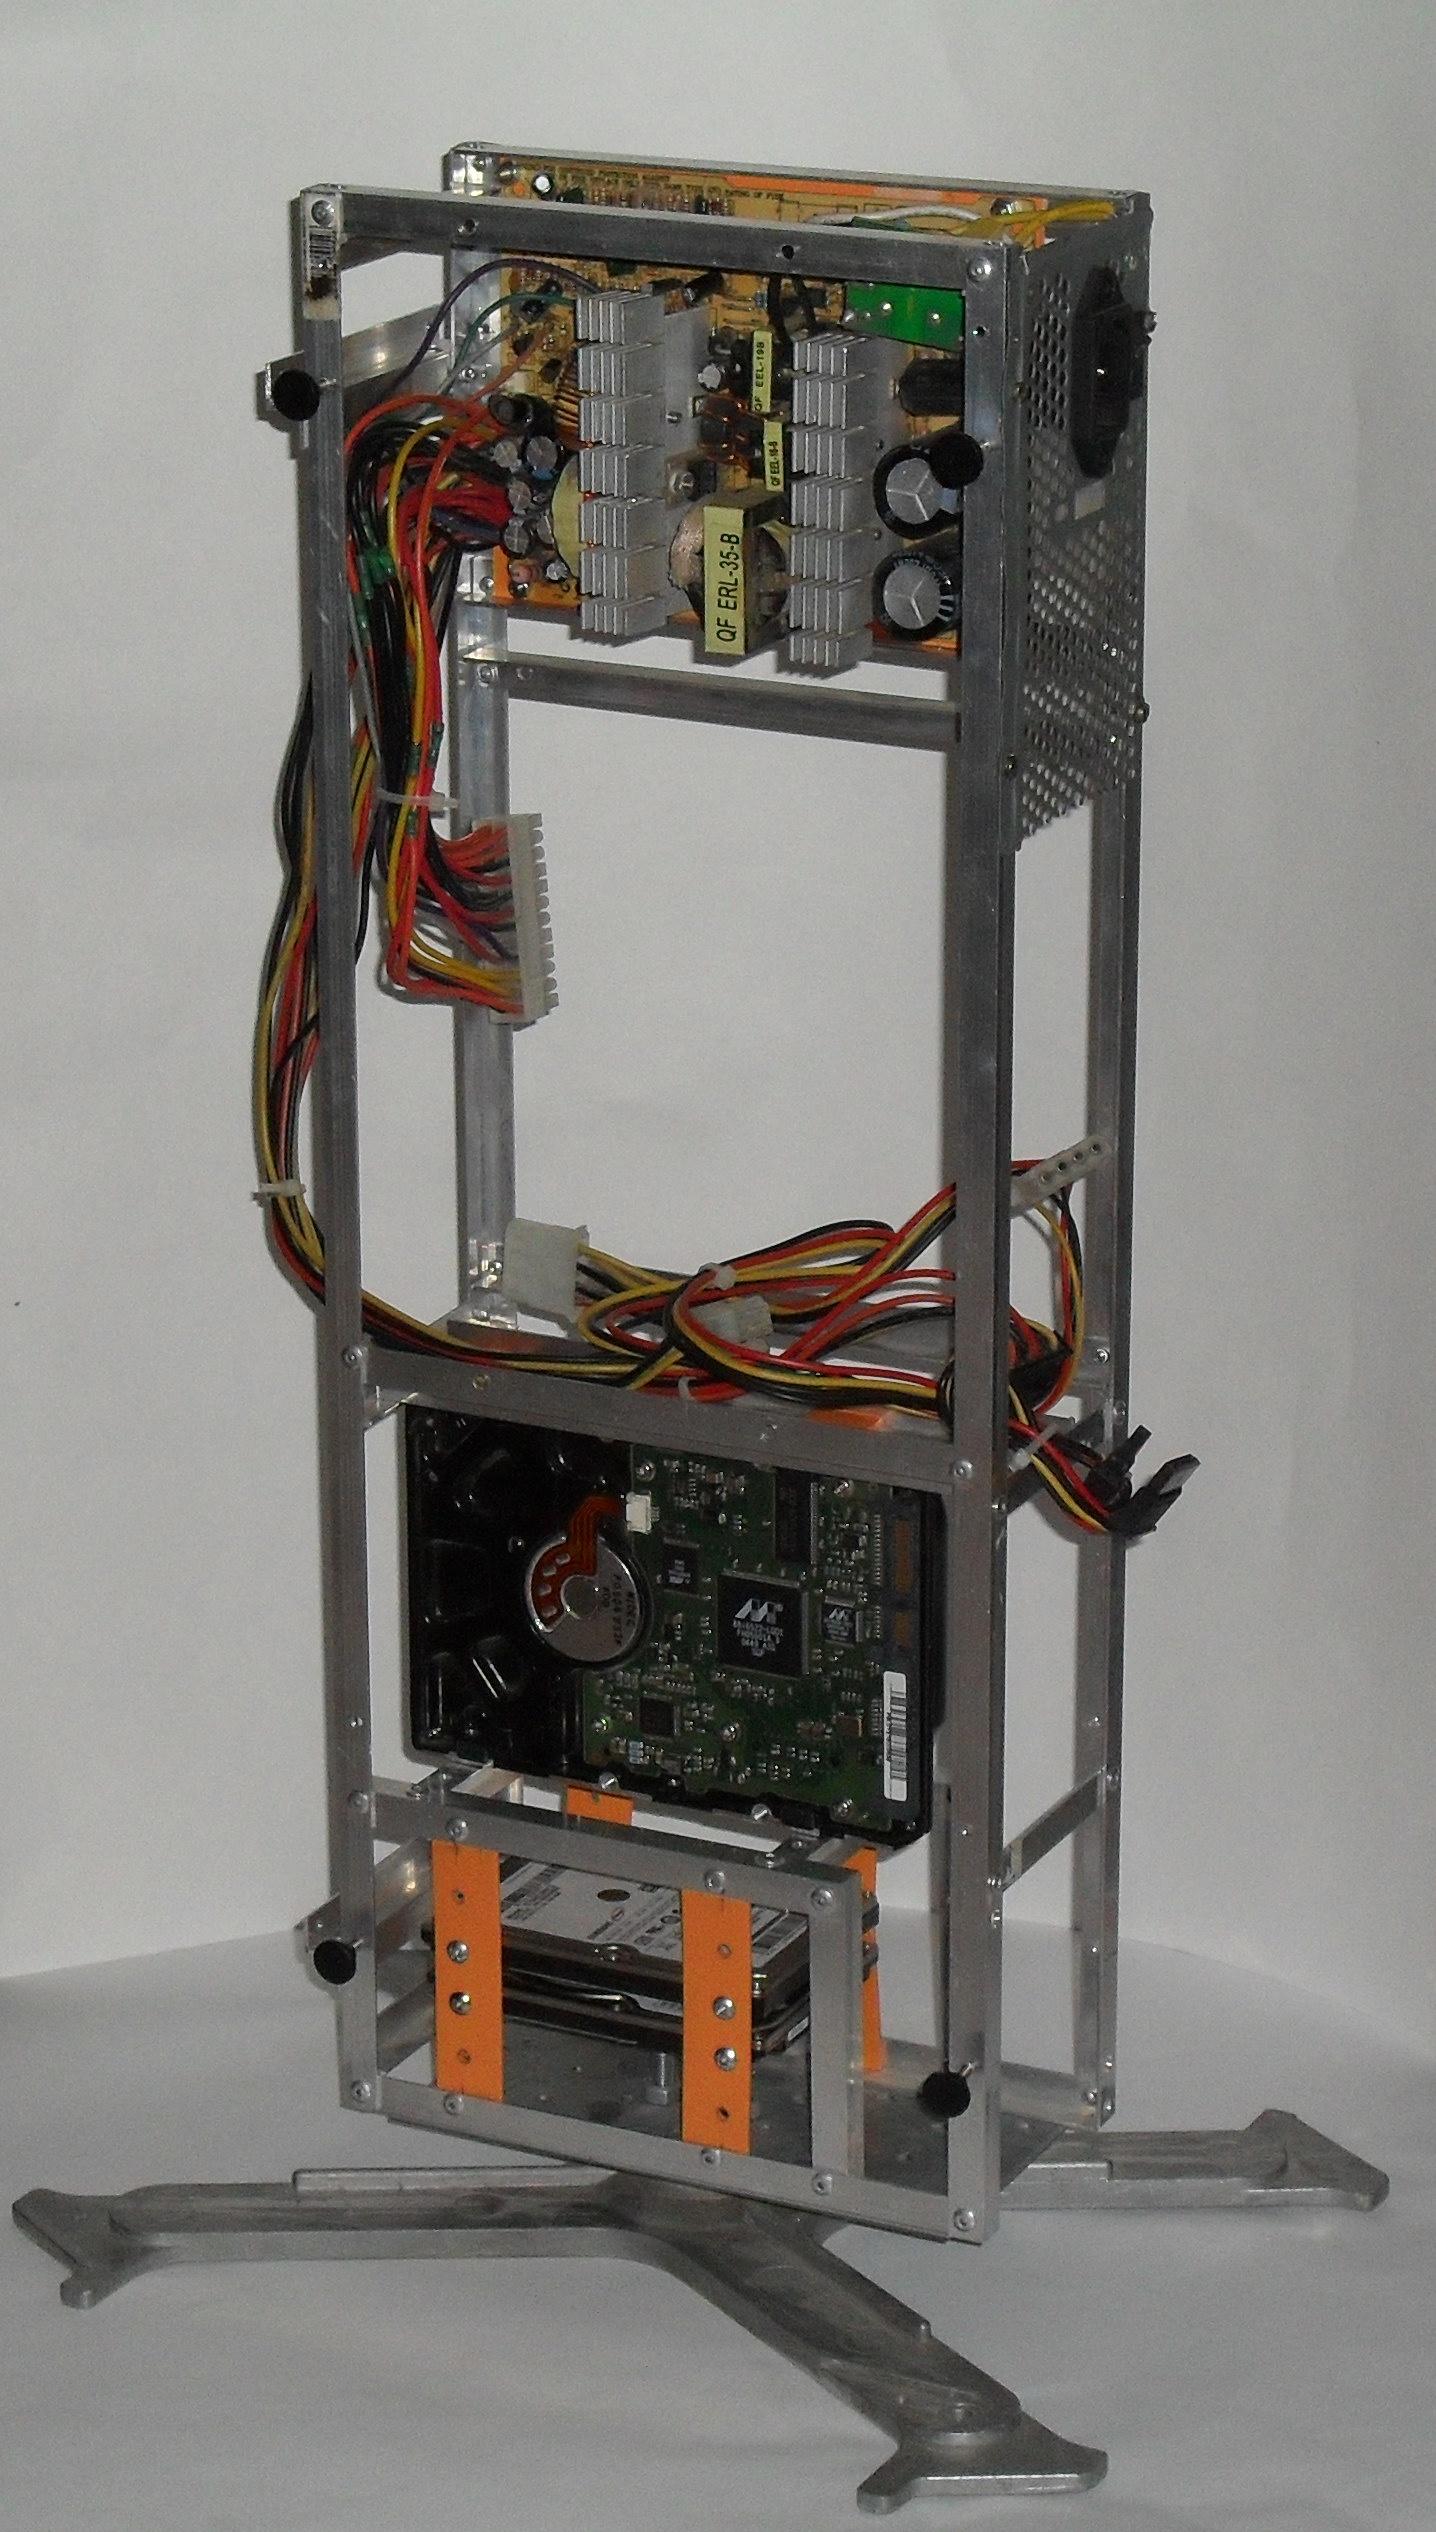 Еще один сервер из подручных средств с претензией на красоту - 17